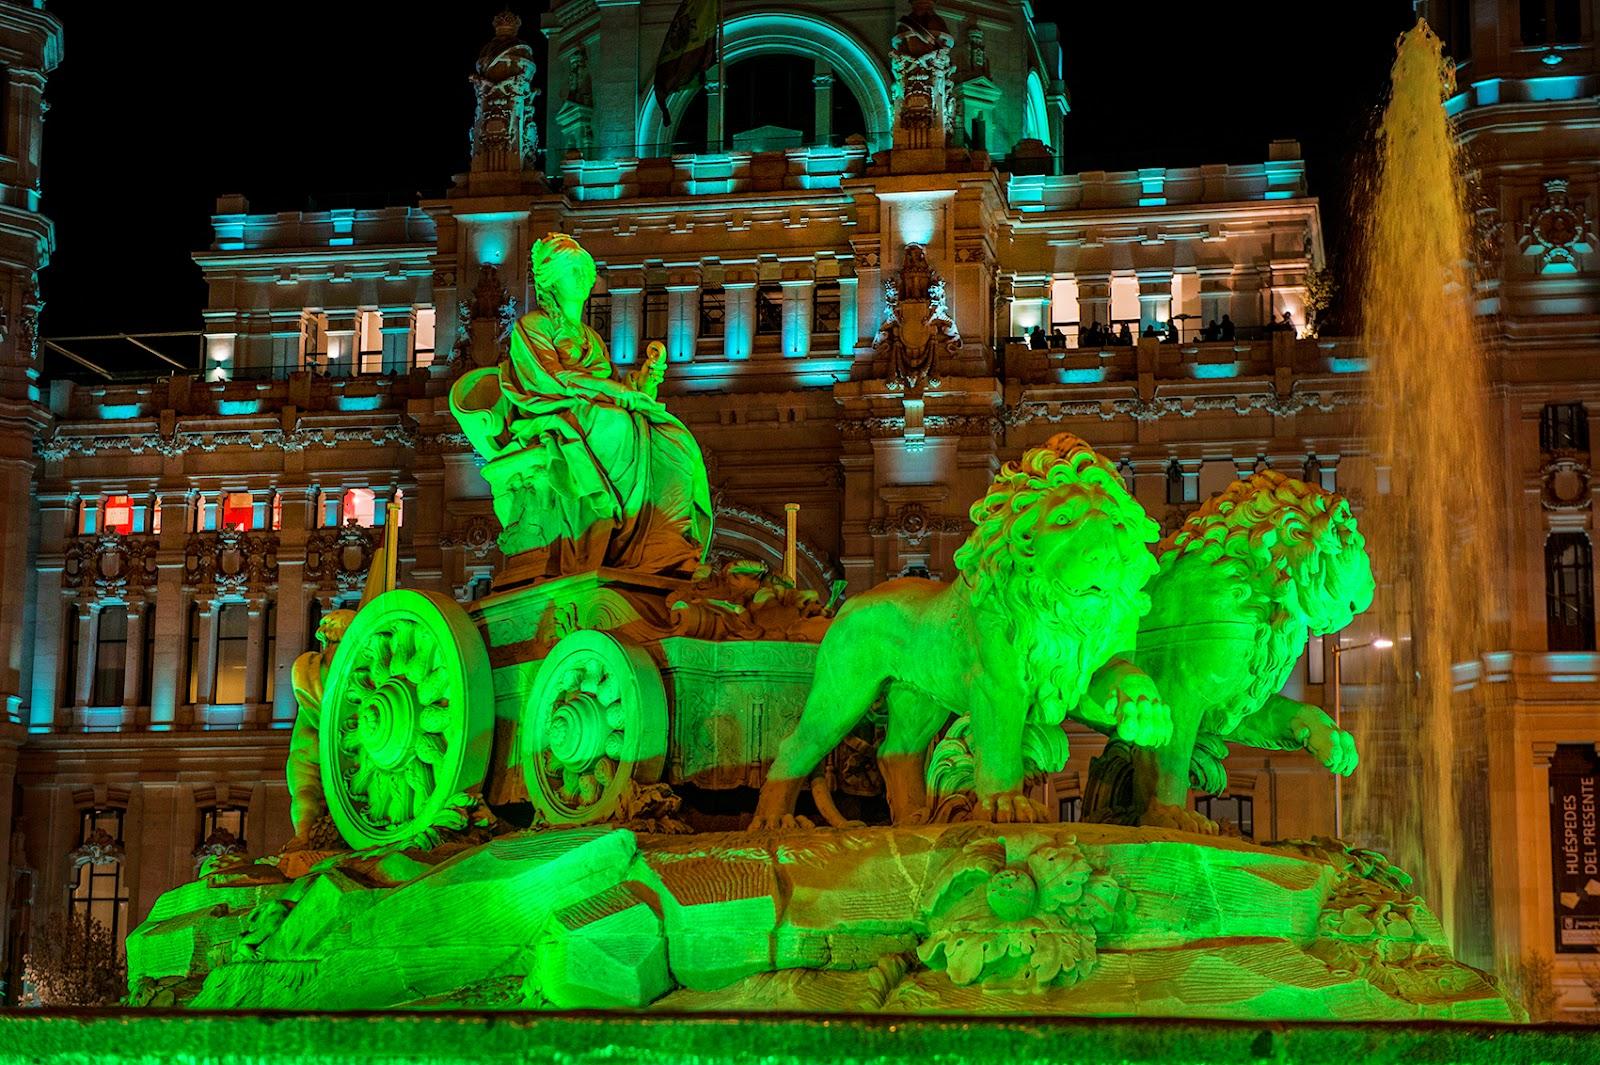 La Cibeles en Madrid #olaverde